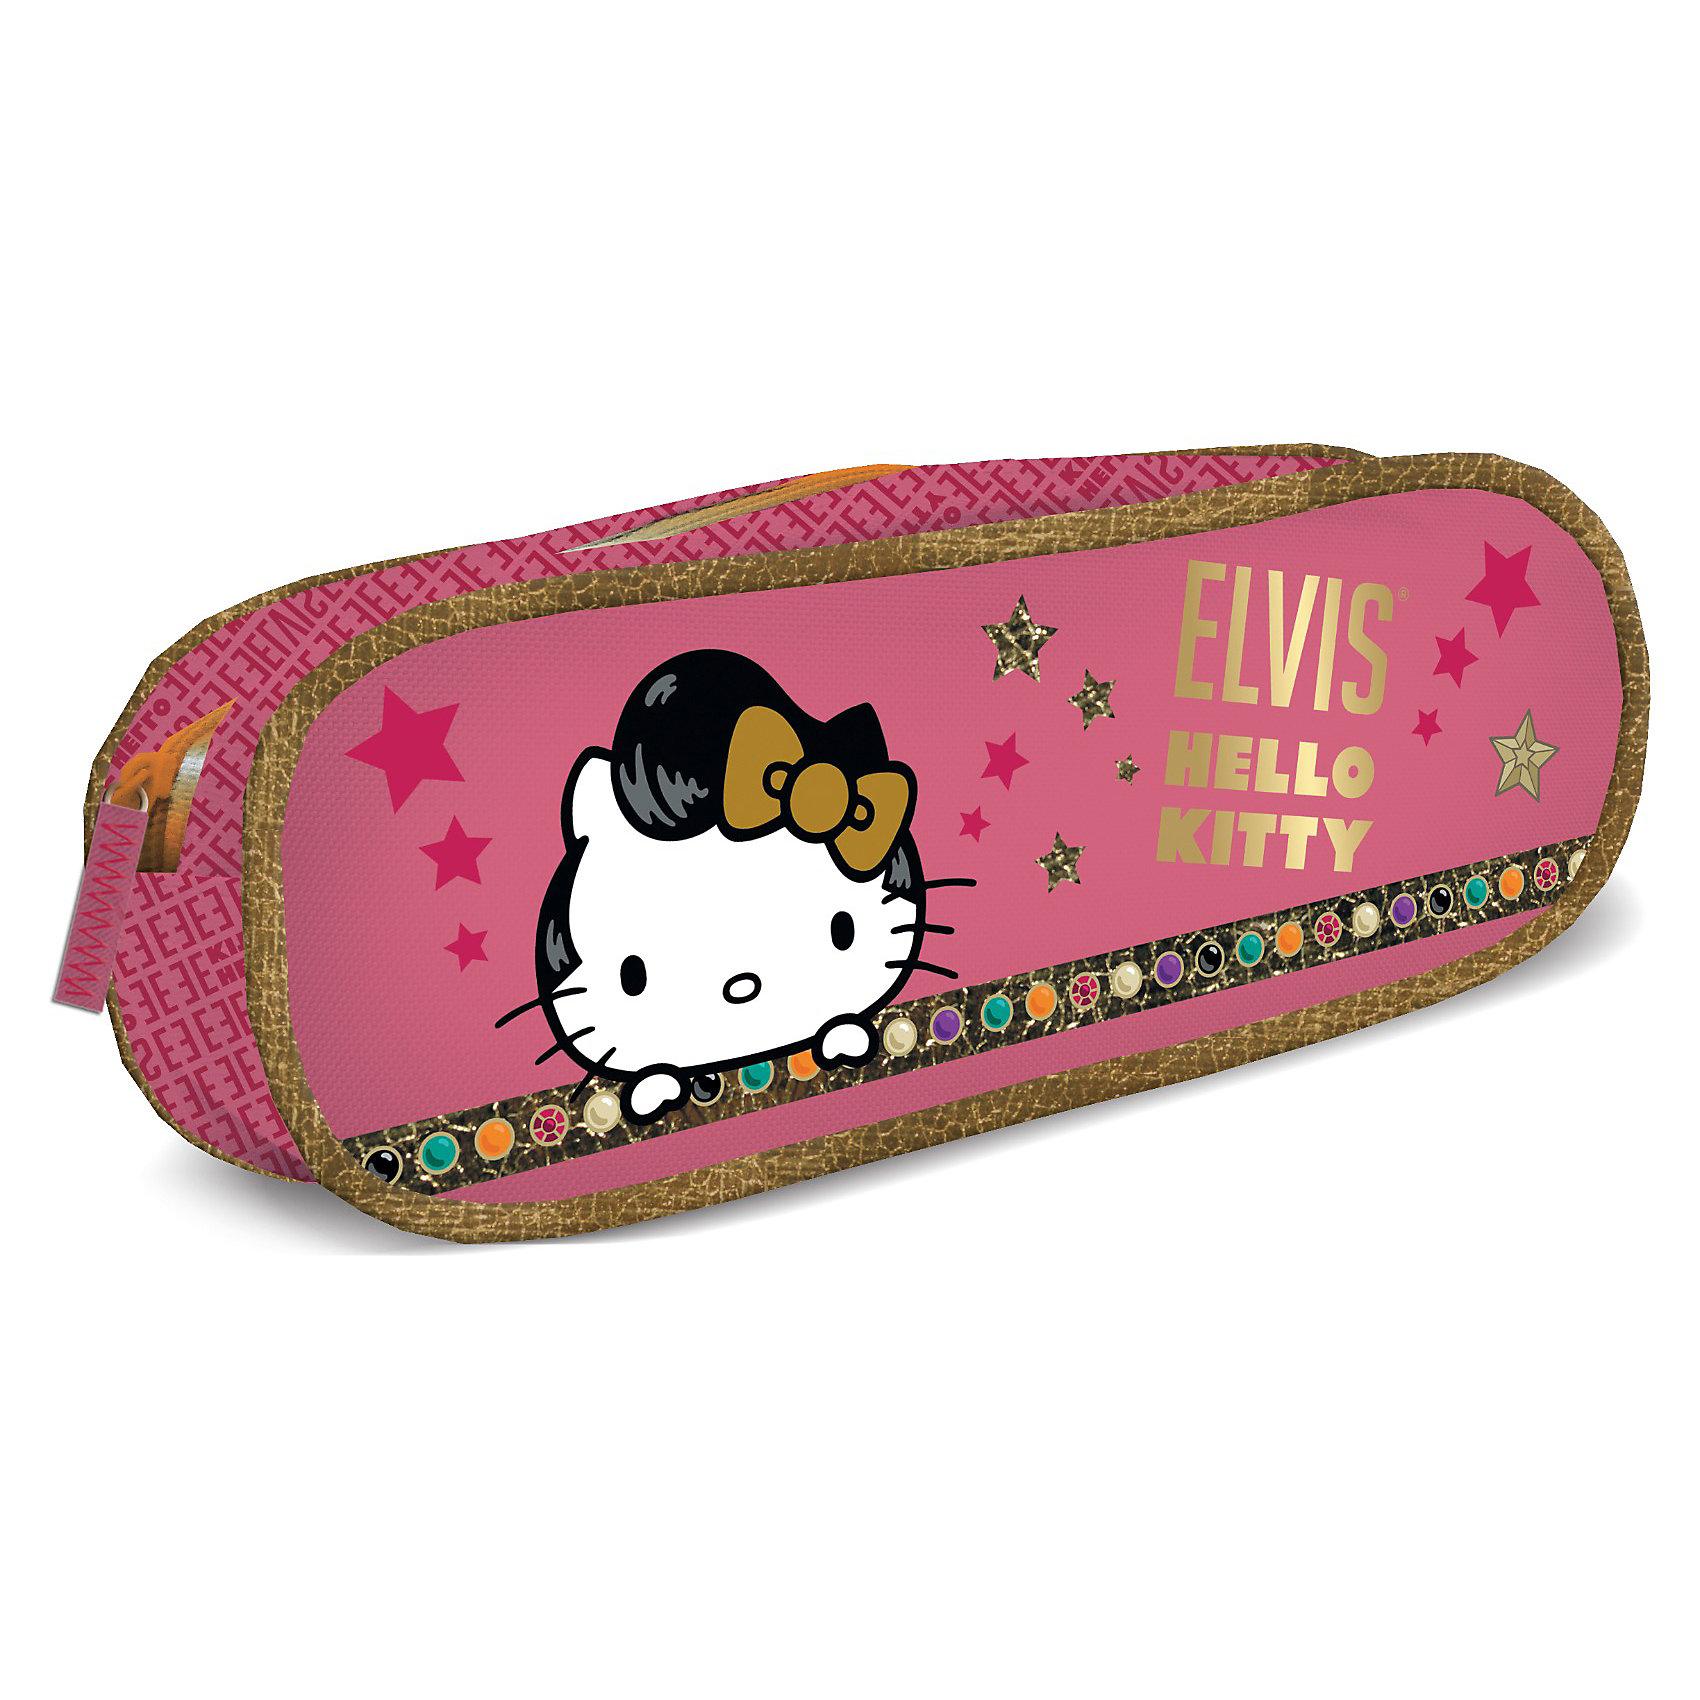 Пенал, Hello KittyПенал, Hello Kitty (Хеллоу Китти) — обязательная вещь при необходимости организации порядка в школьной сумке. Пенал выполнен в виде косметички, очень вместителен. Ярко-розовый цвет и картинка с популярной кошечкой Hello Kitty обязательно привлекут внимание ребенка.<br><br>Порадуйте юную модницу прекрасным подарком!<br><br>Дополнительная информация:<br><br>- Размер: 8 х 21 х 5 см<br>- Вес: 105 г.<br><br>Пенал, Hello Kitty (Хеллоу Китти) можно купить в нашем интернет-магазине.<br><br>Ширина мм: 80<br>Глубина мм: 210<br>Высота мм: 50<br>Вес г: 105<br>Возраст от месяцев: 96<br>Возраст до месяцев: 108<br>Пол: Женский<br>Возраст: Детский<br>SKU: 3563123